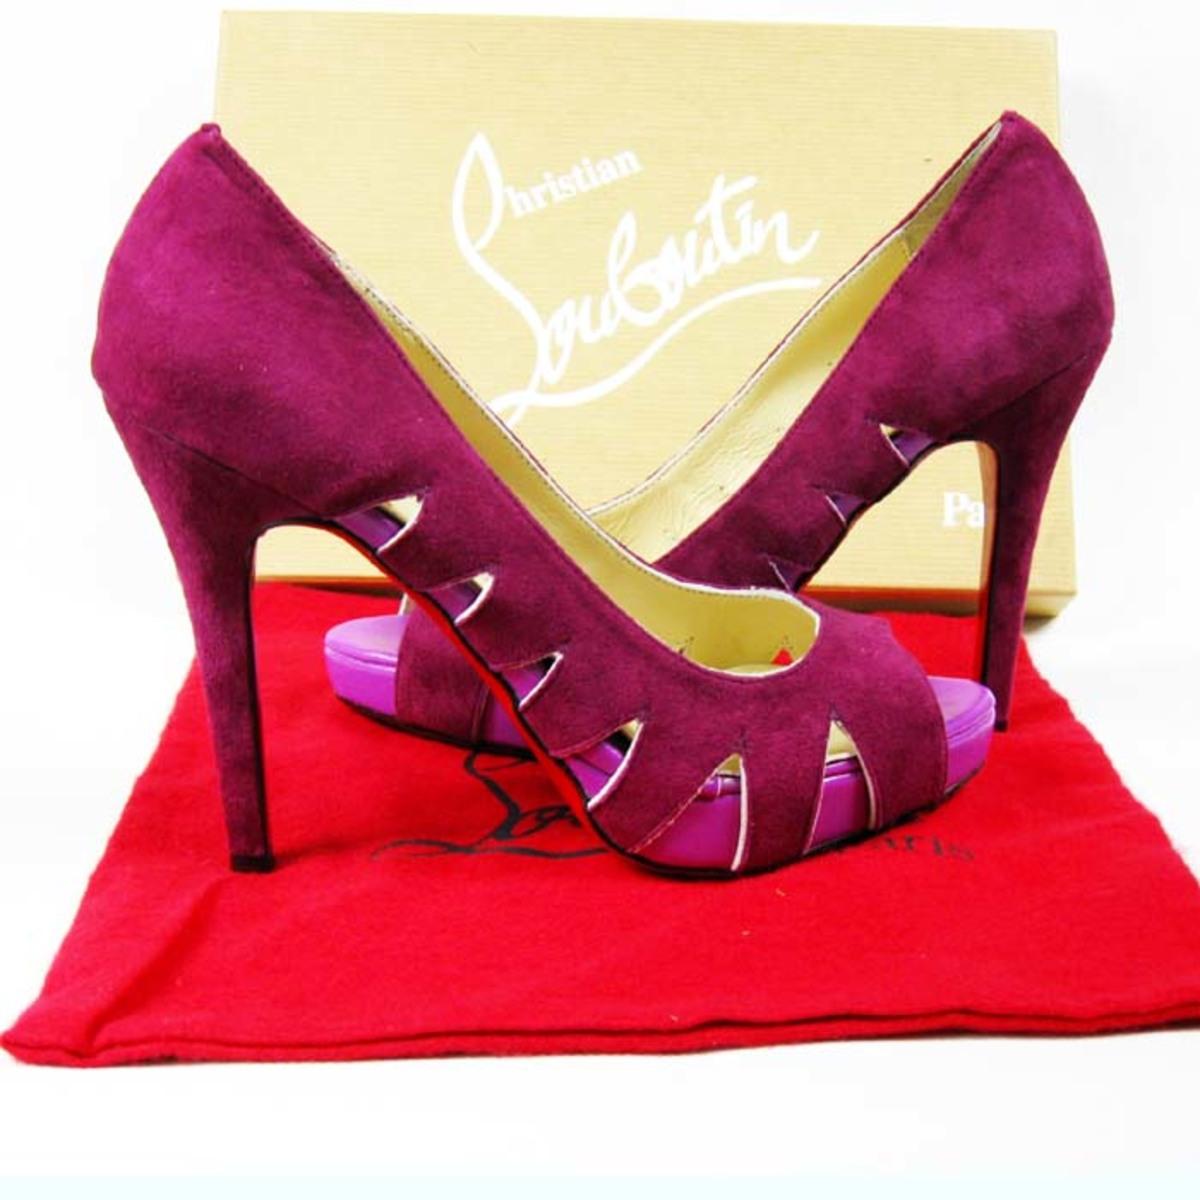 Αγοράστε glamorous παπούτσια σε απίστευτες τιμές, διαδικτυακά! | Newsit.gr